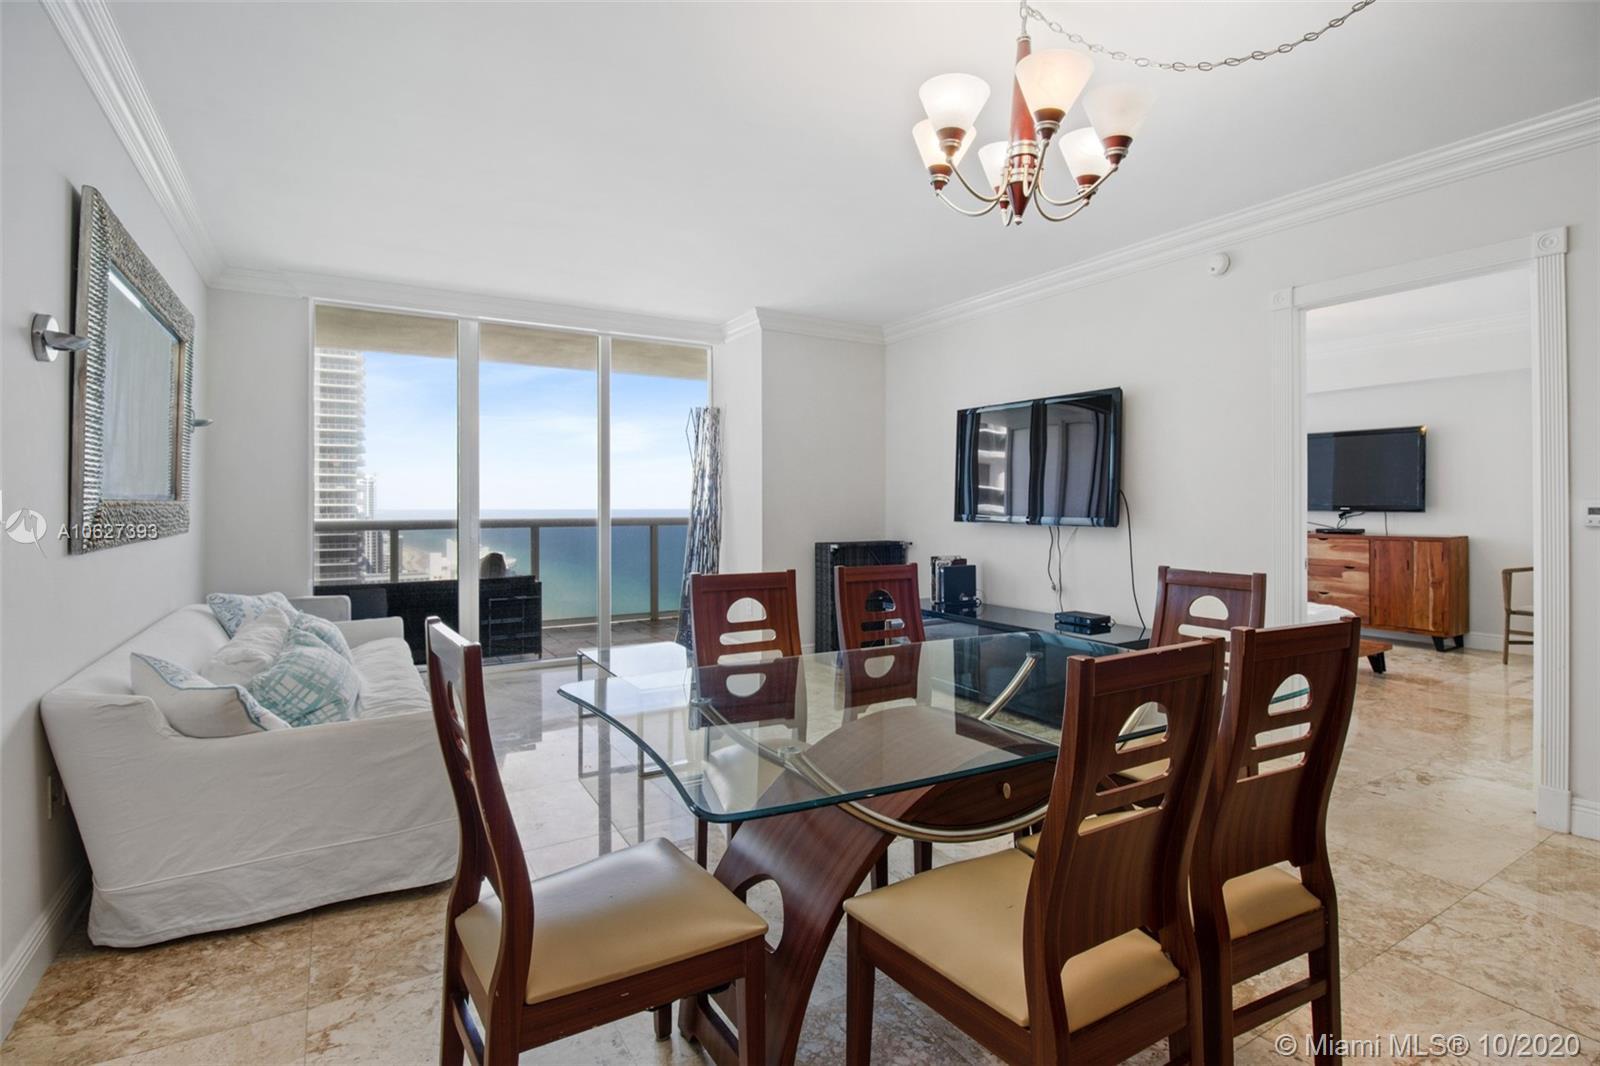 3310 2 / 2 1337 sq. ft. $ 2020-09-25 0 foto